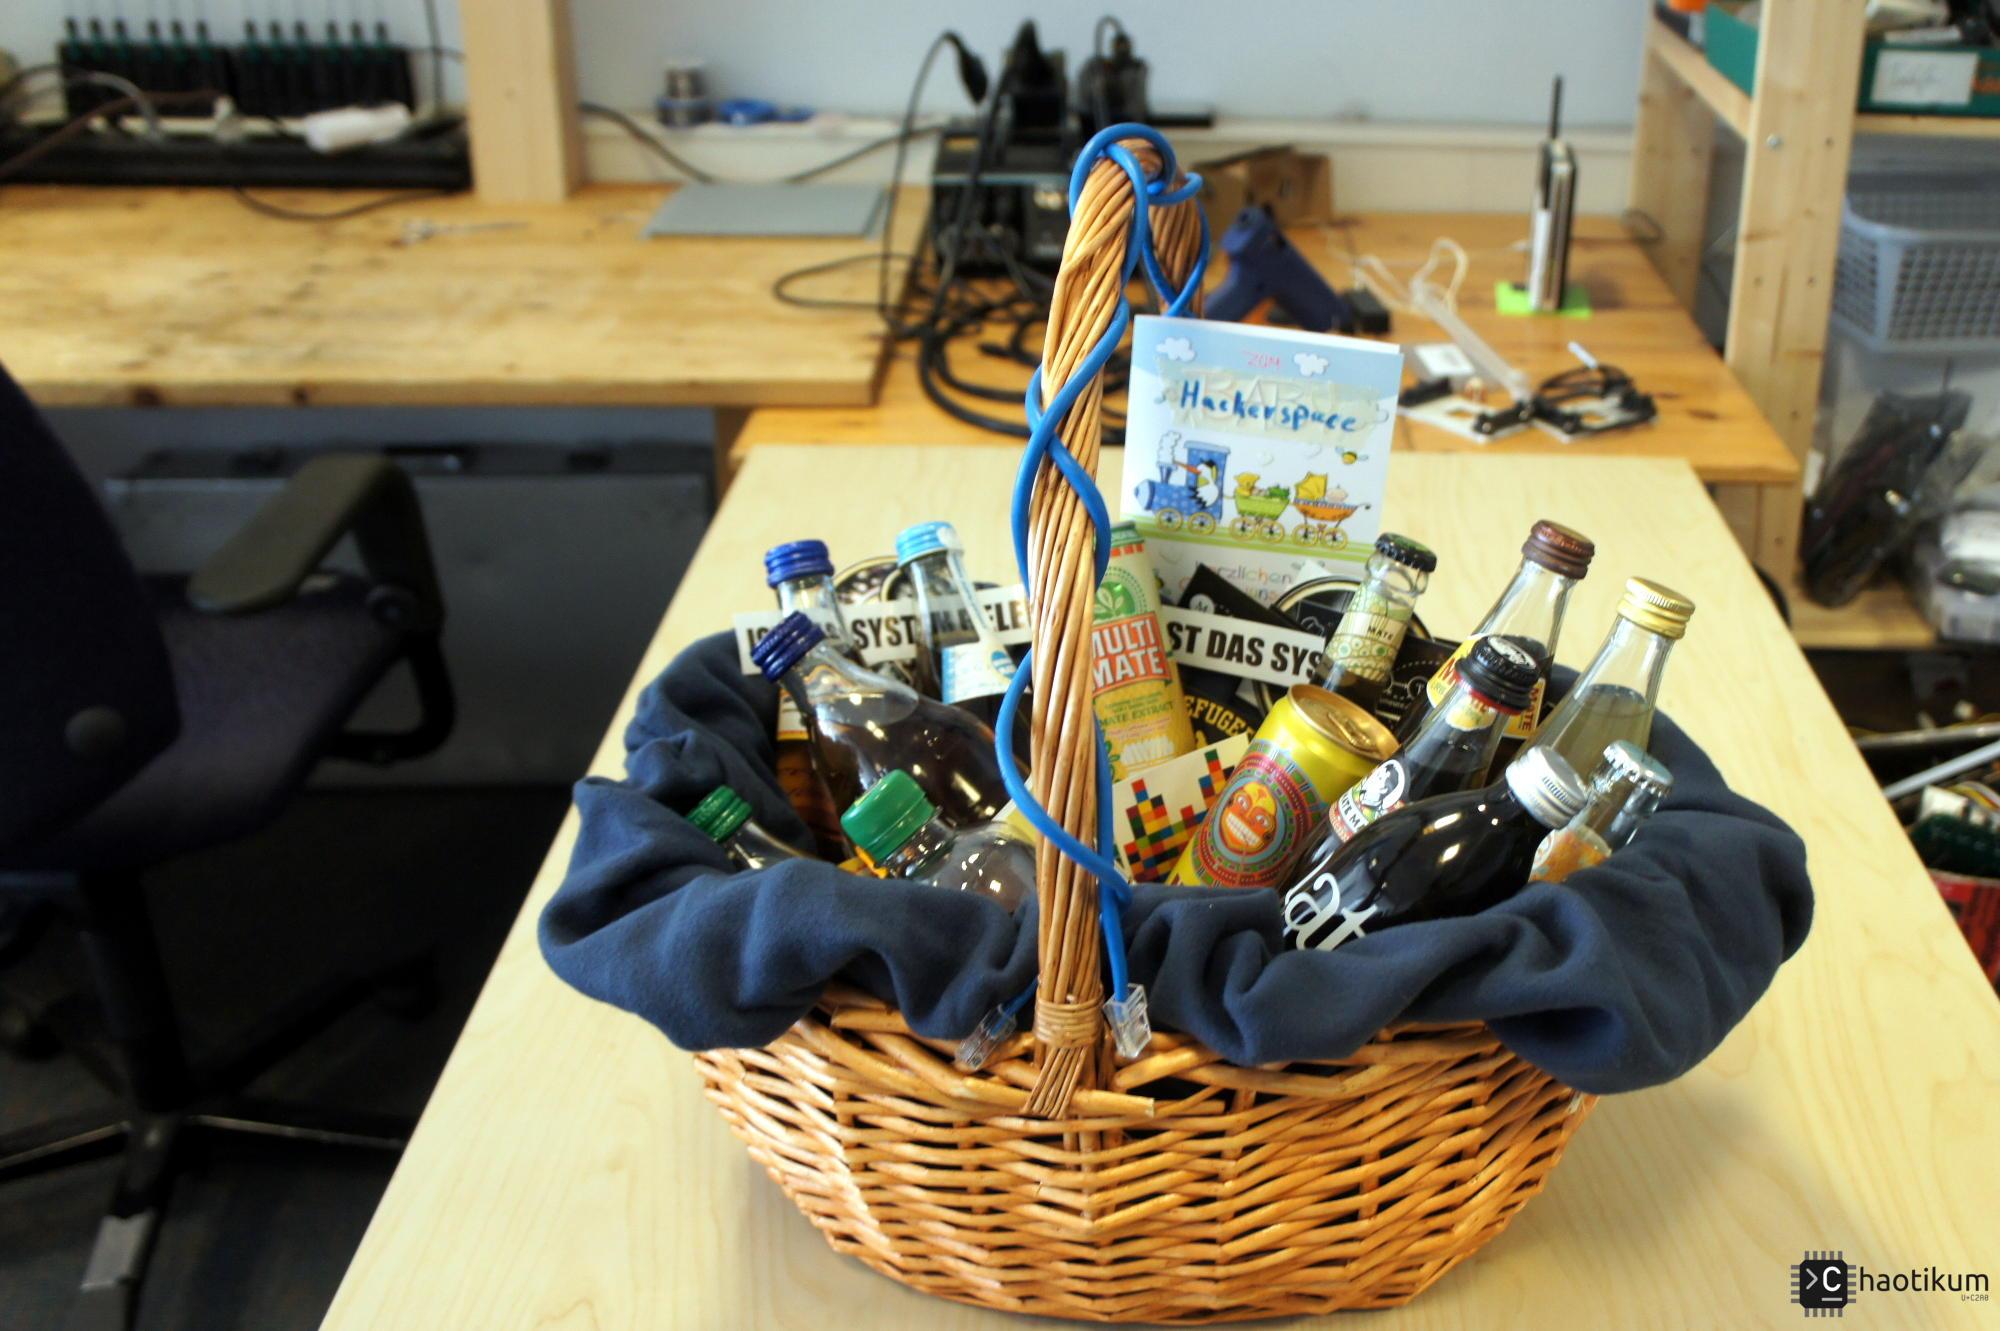 Ein Geschenkkorb für den Hacklab.